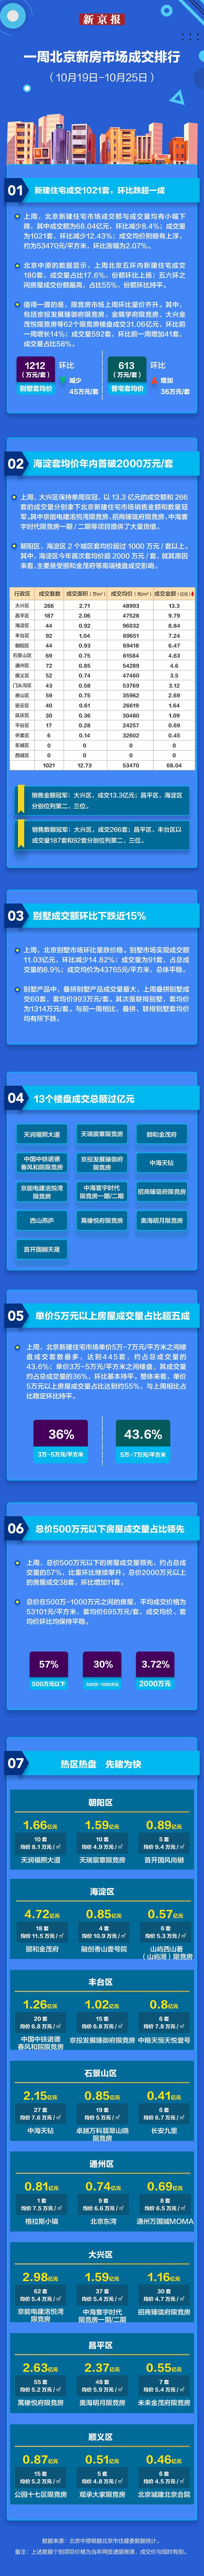 上周北京新建住宅成交量回落 海淀区套均价创年内新高图片